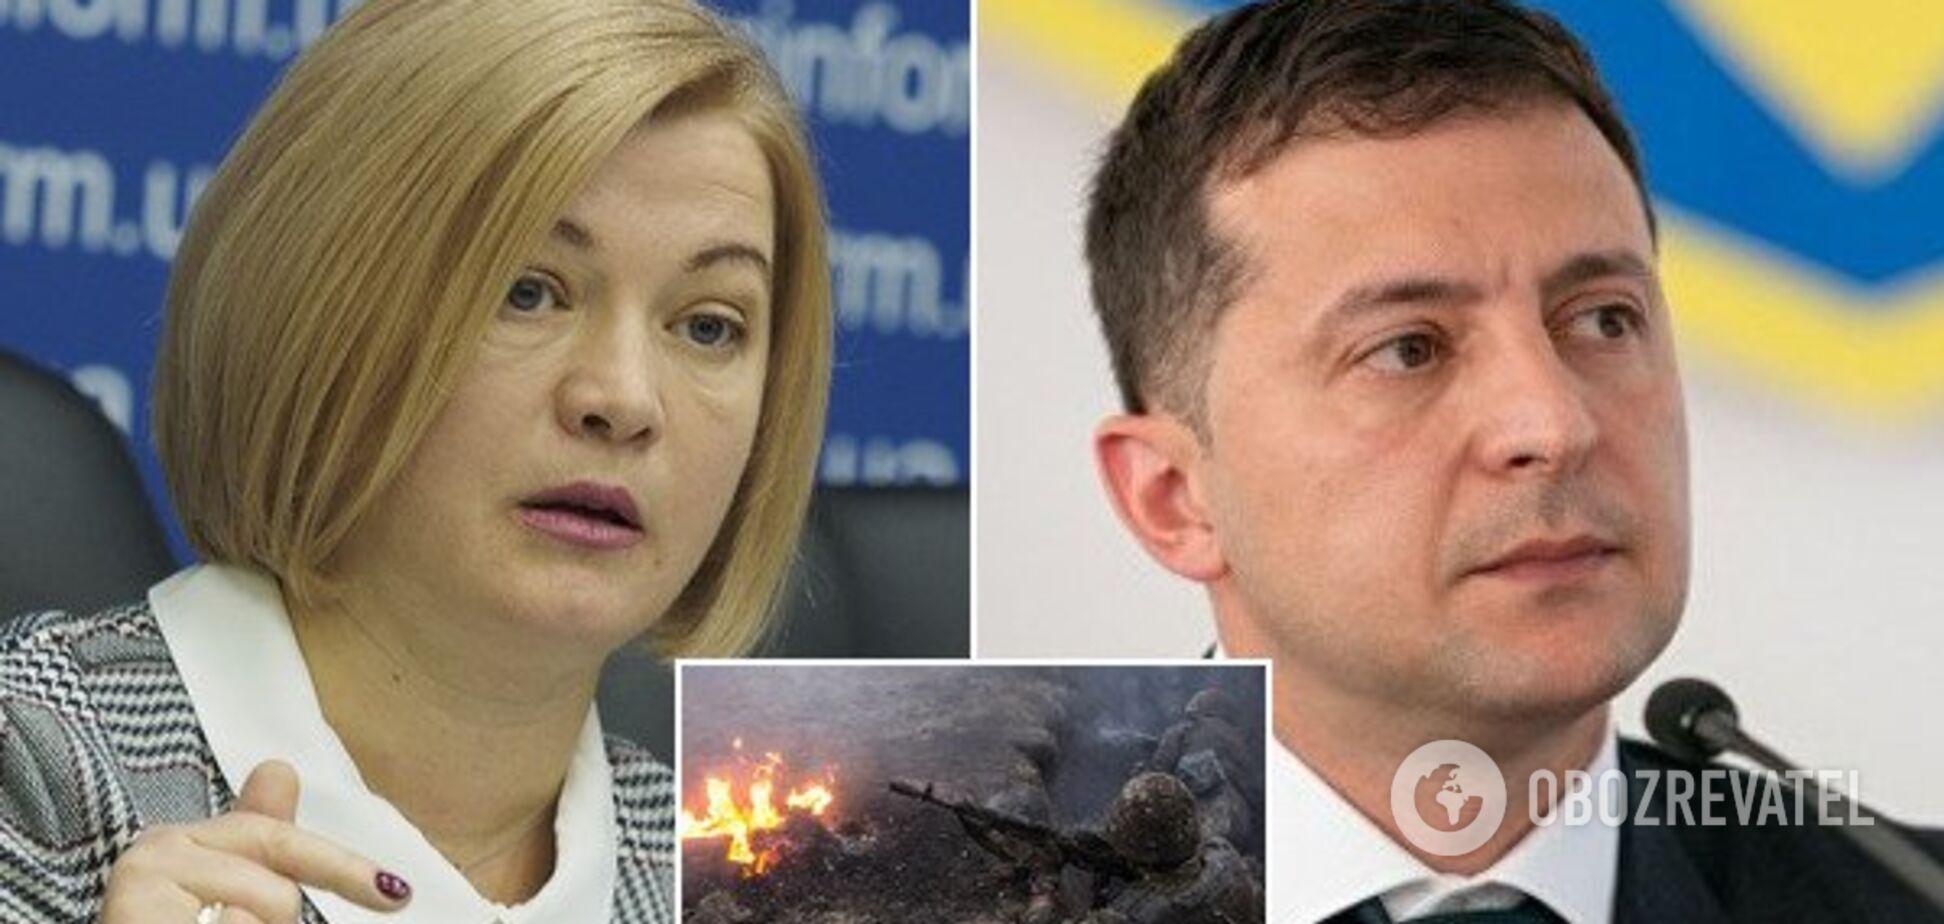 Війну на Донбасі почала Україна? Геращенко зажадала від Зеленського публічних пояснень